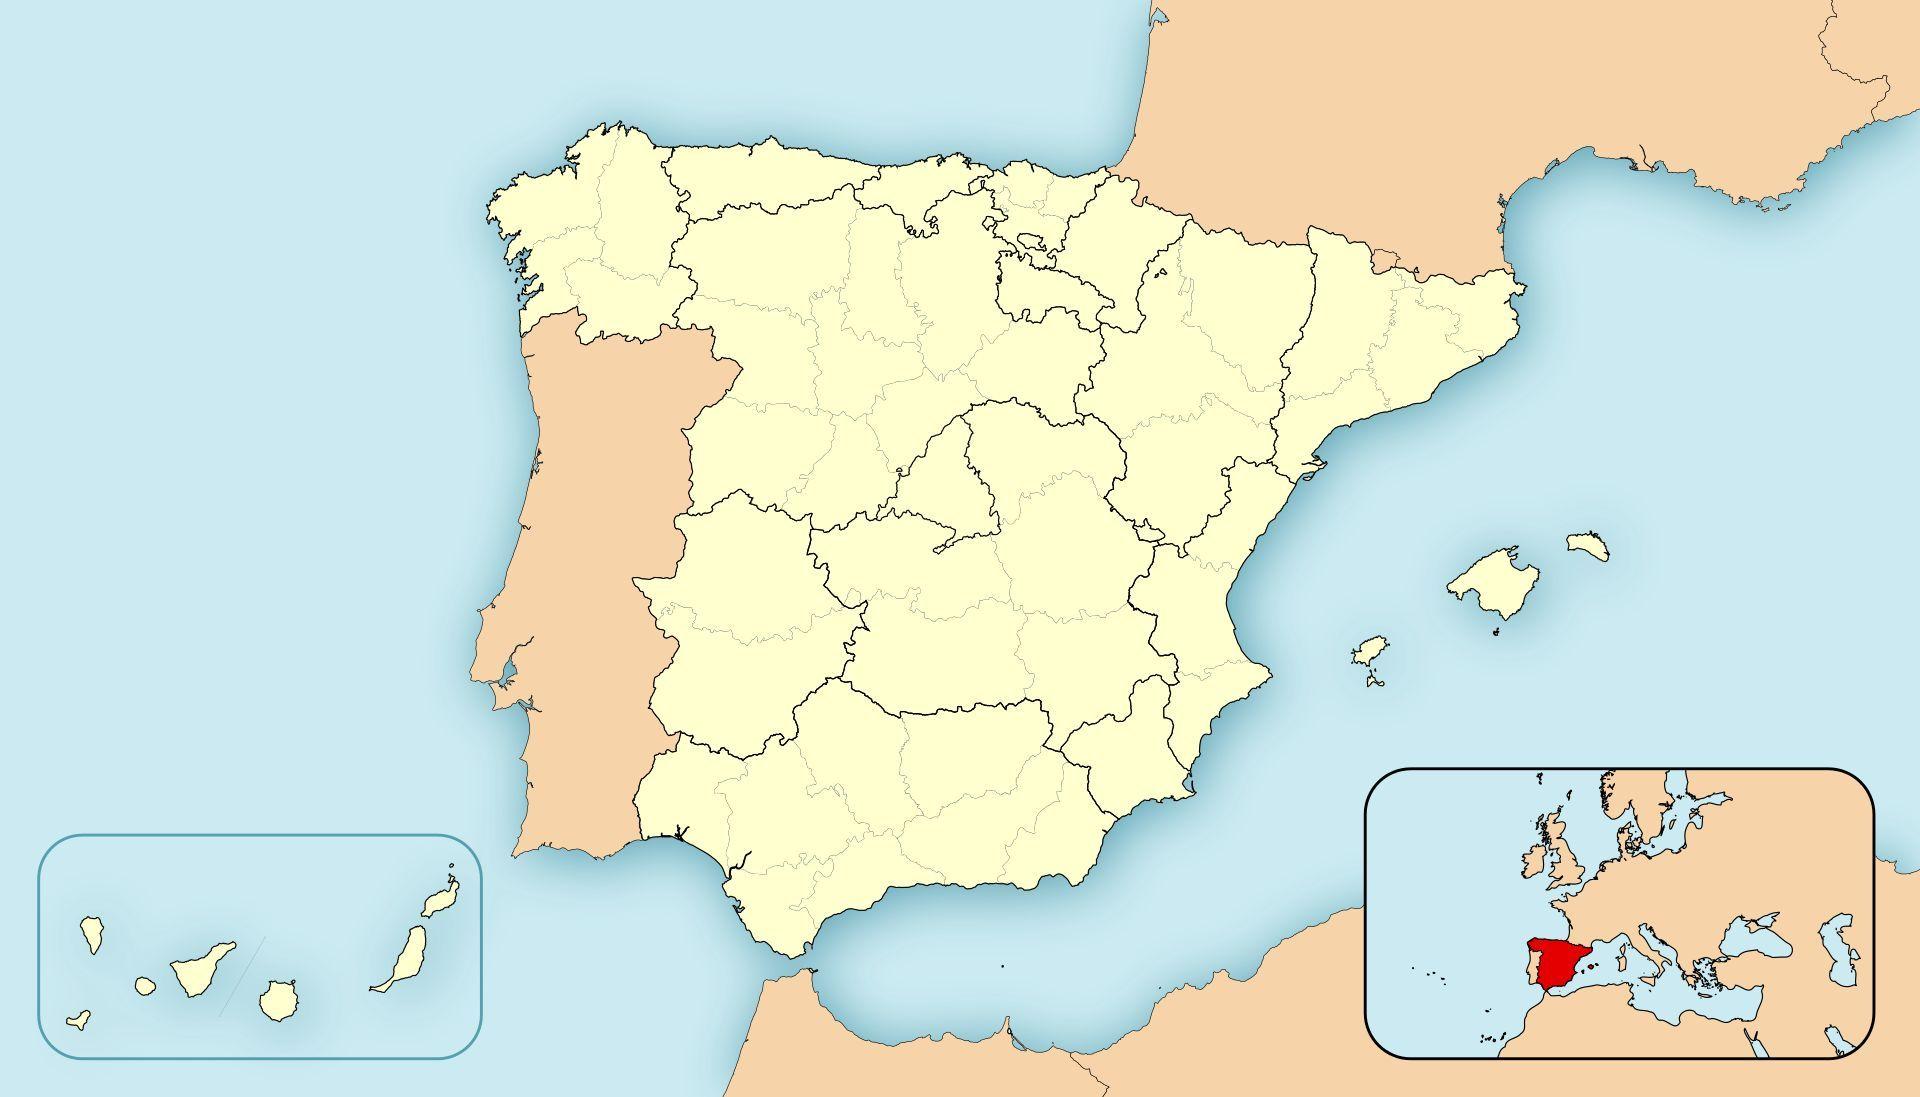 La ciudad esta en un punto estratégico:se coloca a casi la misma dstancia de Barcelona, Madrid y Valencia. ¿Cuál esta más cerca?